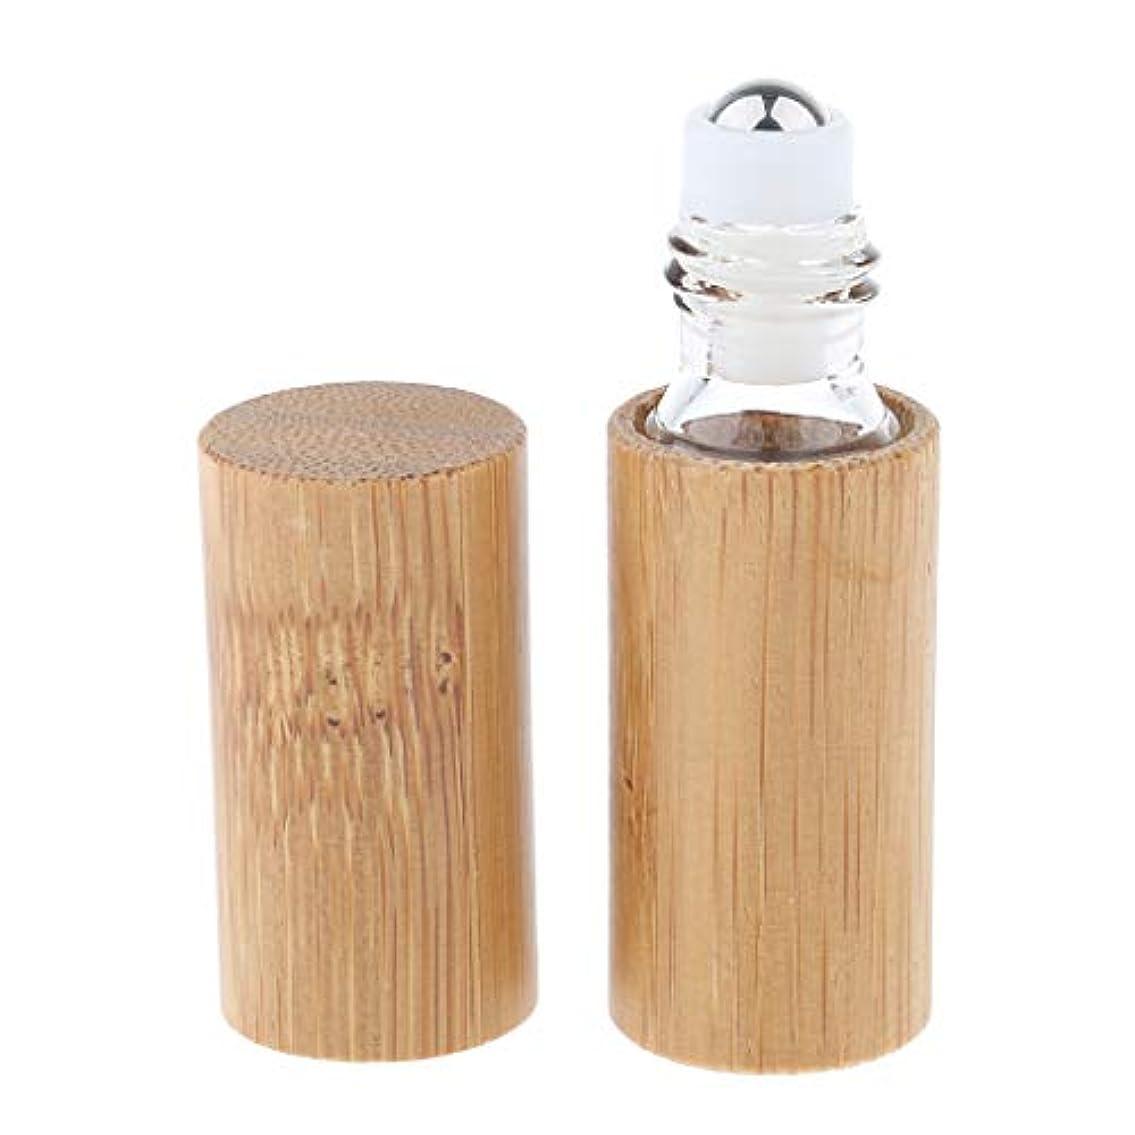 施設光戦士IPOTCH アロマボトル 保存容器 天然竹 エッセンシャルオイル 香水 保存用 詰め替え ローラーボール 手作り